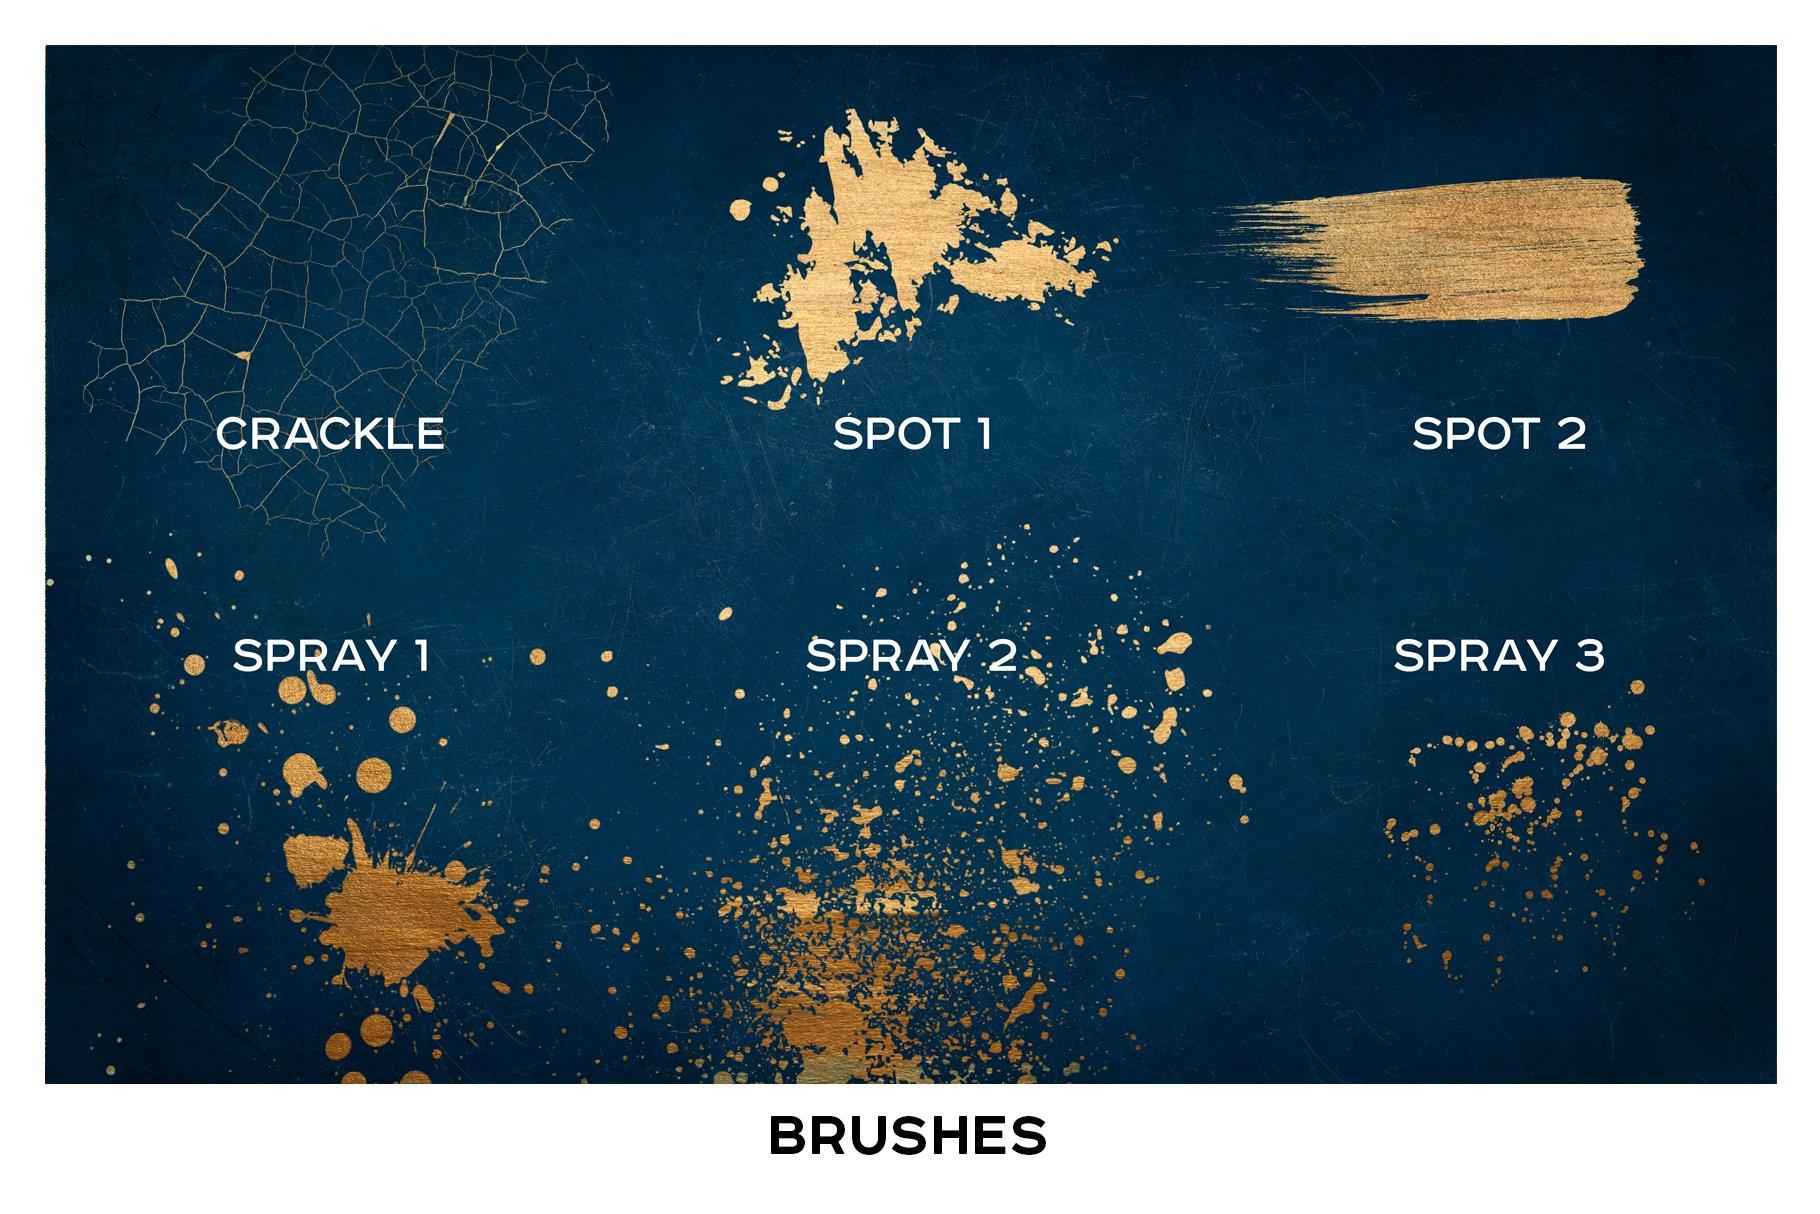 金色光泽铜绿划痕飞溅照片叠加层效果PS素材 Golden Patina Photo Effect插图(8)